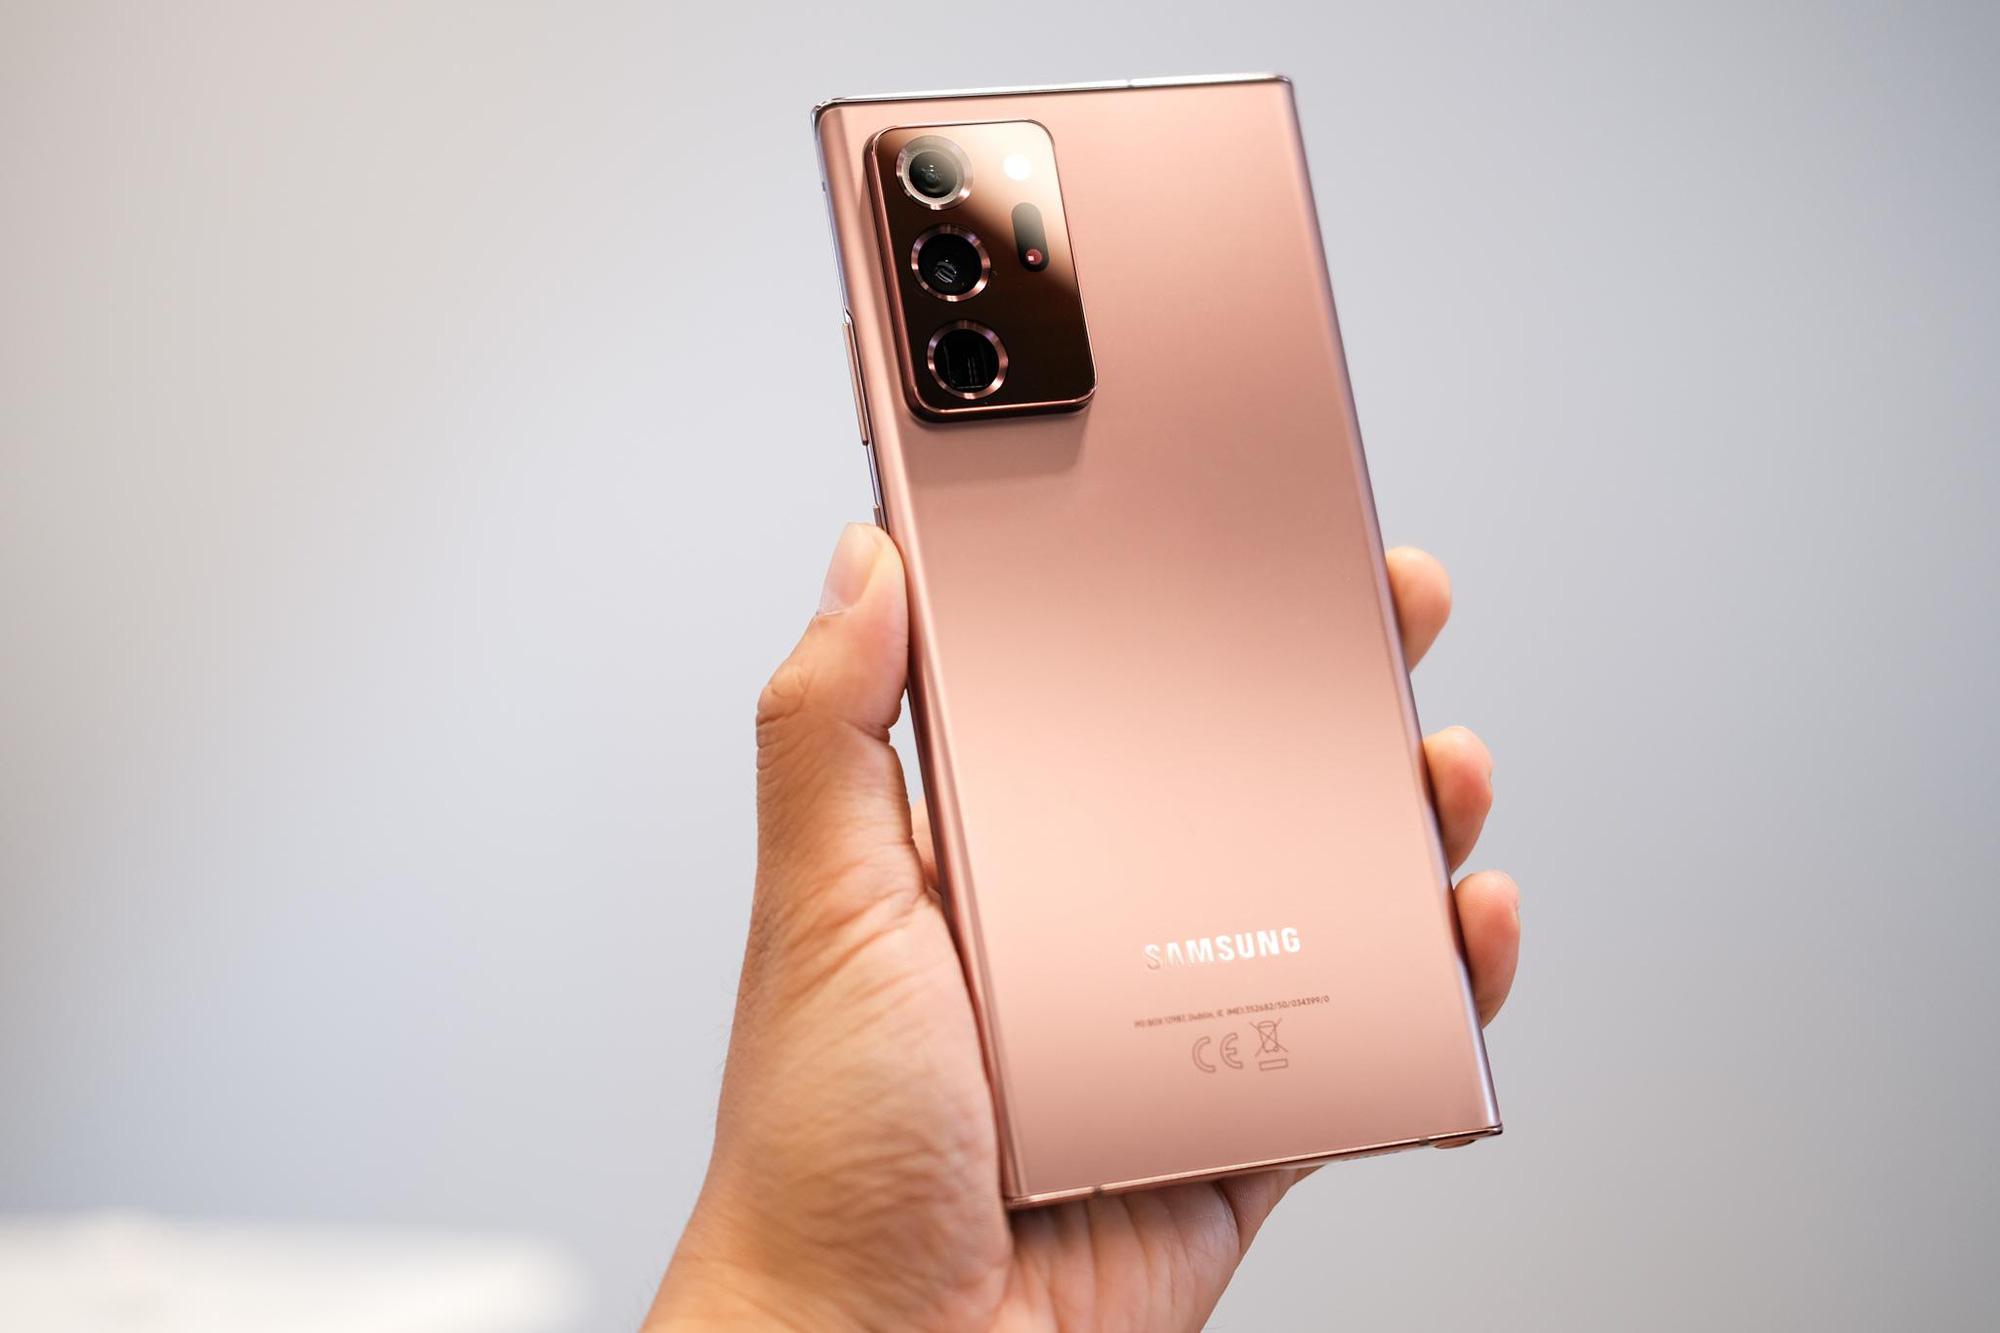 Nhìn lại màn ra mắt siêu phẩm Galaxy Note20: Sẵn sàng đưa thế giới bước vào kỷ nguyên 5G - Ảnh 3.